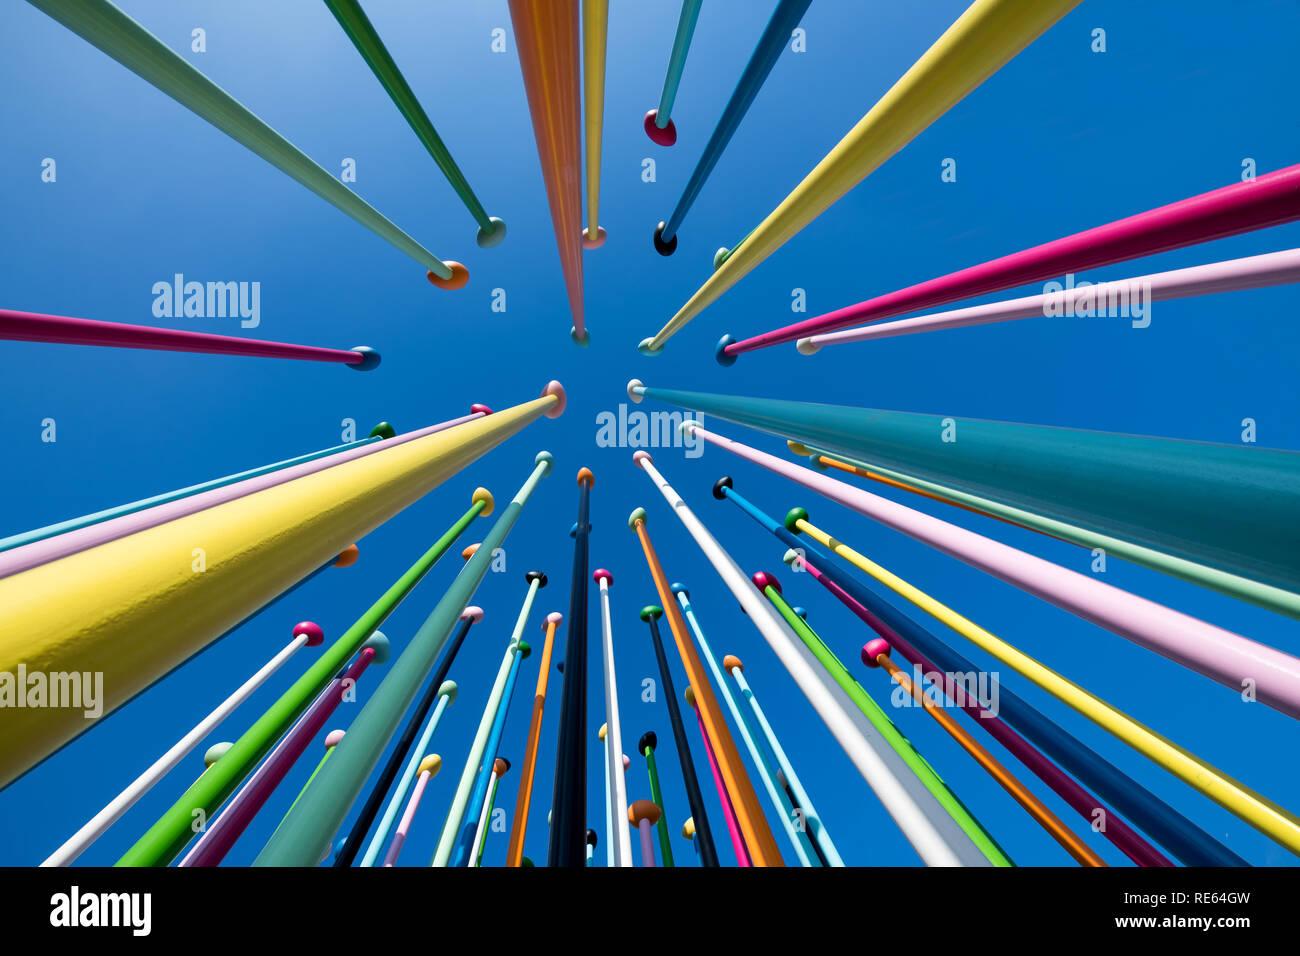 Bajo la perspectiva de la ilustración Coloris, Milán por en la vida de la ciudad, distrito por Pascale Marthine Tayou contra un cielo azul claro Foto de stock